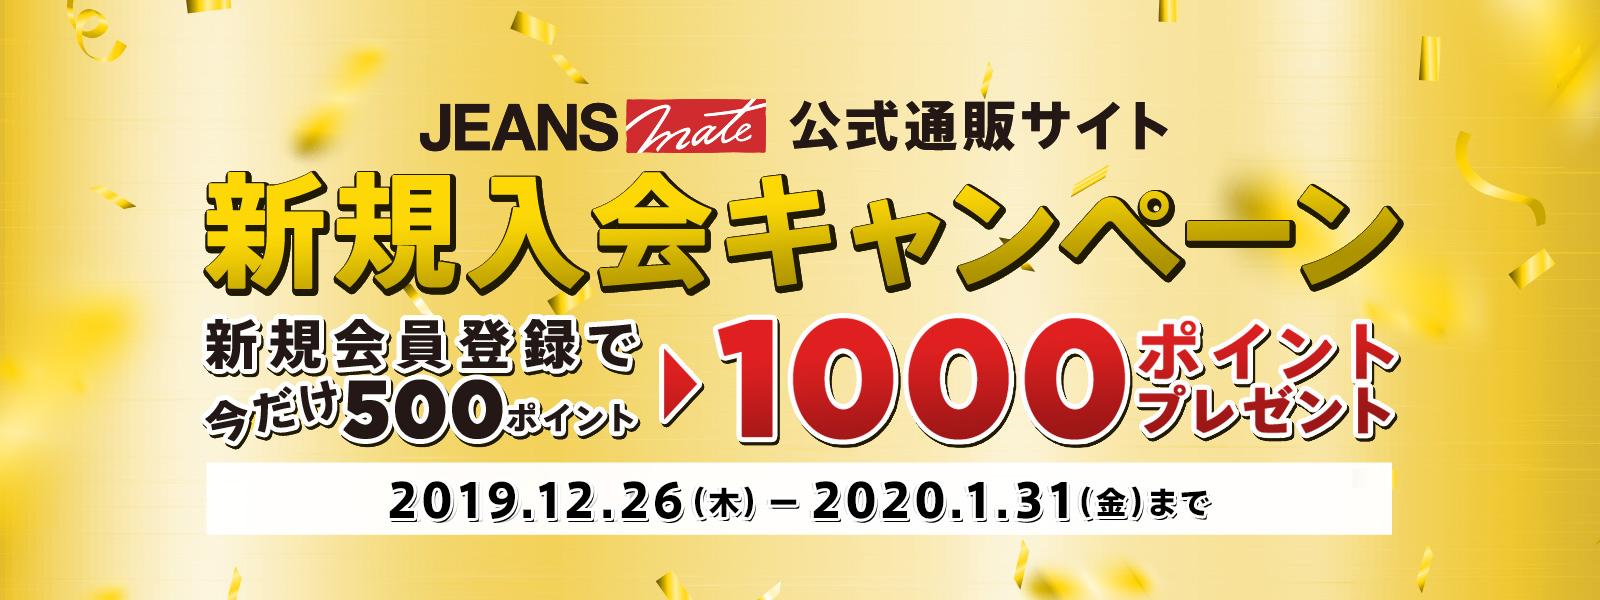 ジーンズメイト公式通販サイト新規入会キャンペーン